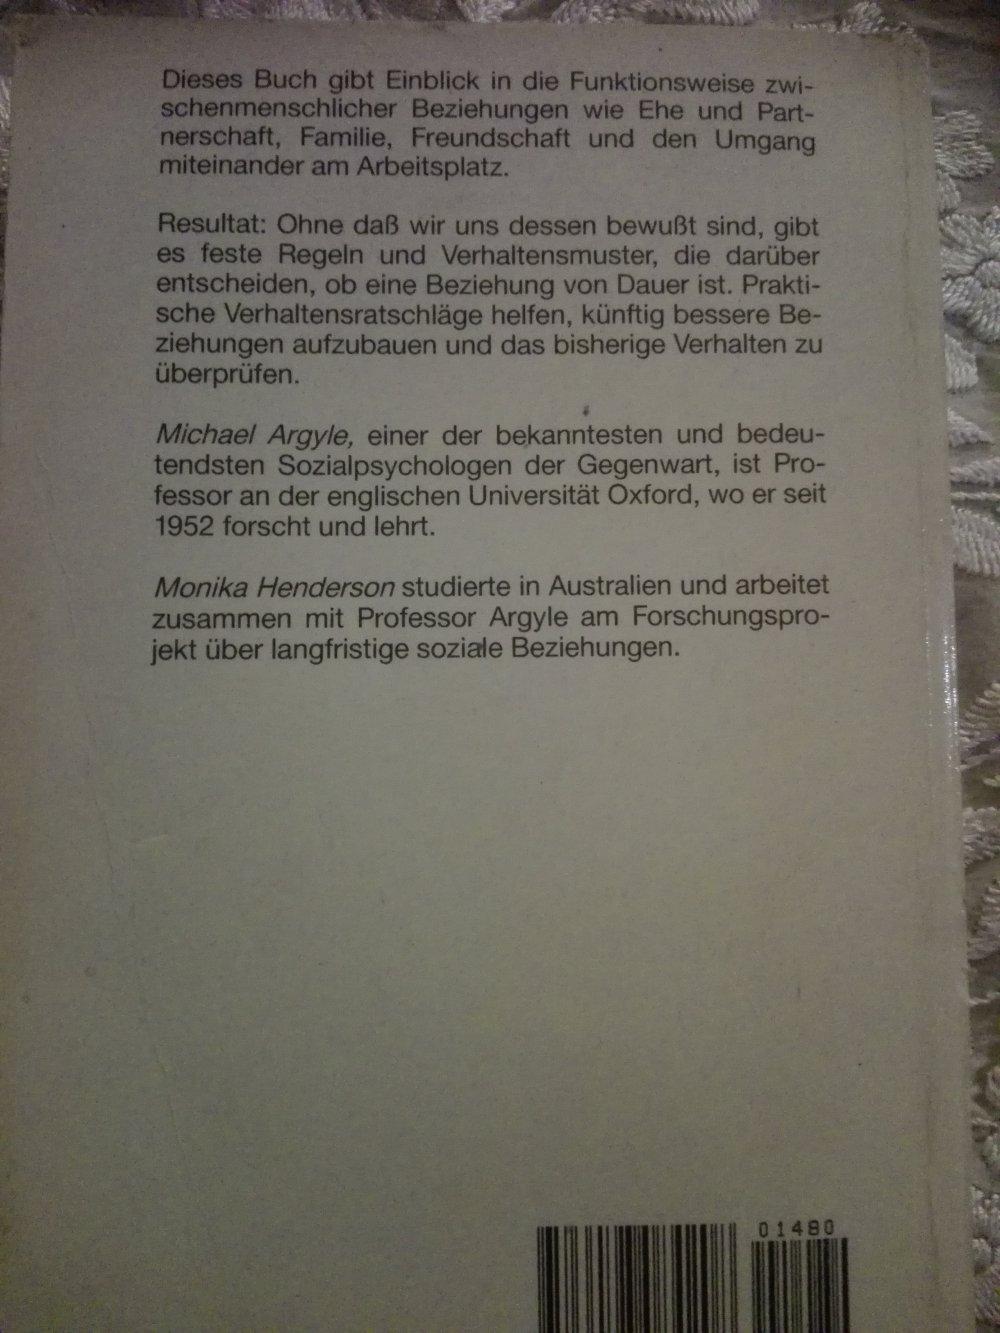 Die Anatomie menschlicher Beziehungen :: Kleiderkorb.de